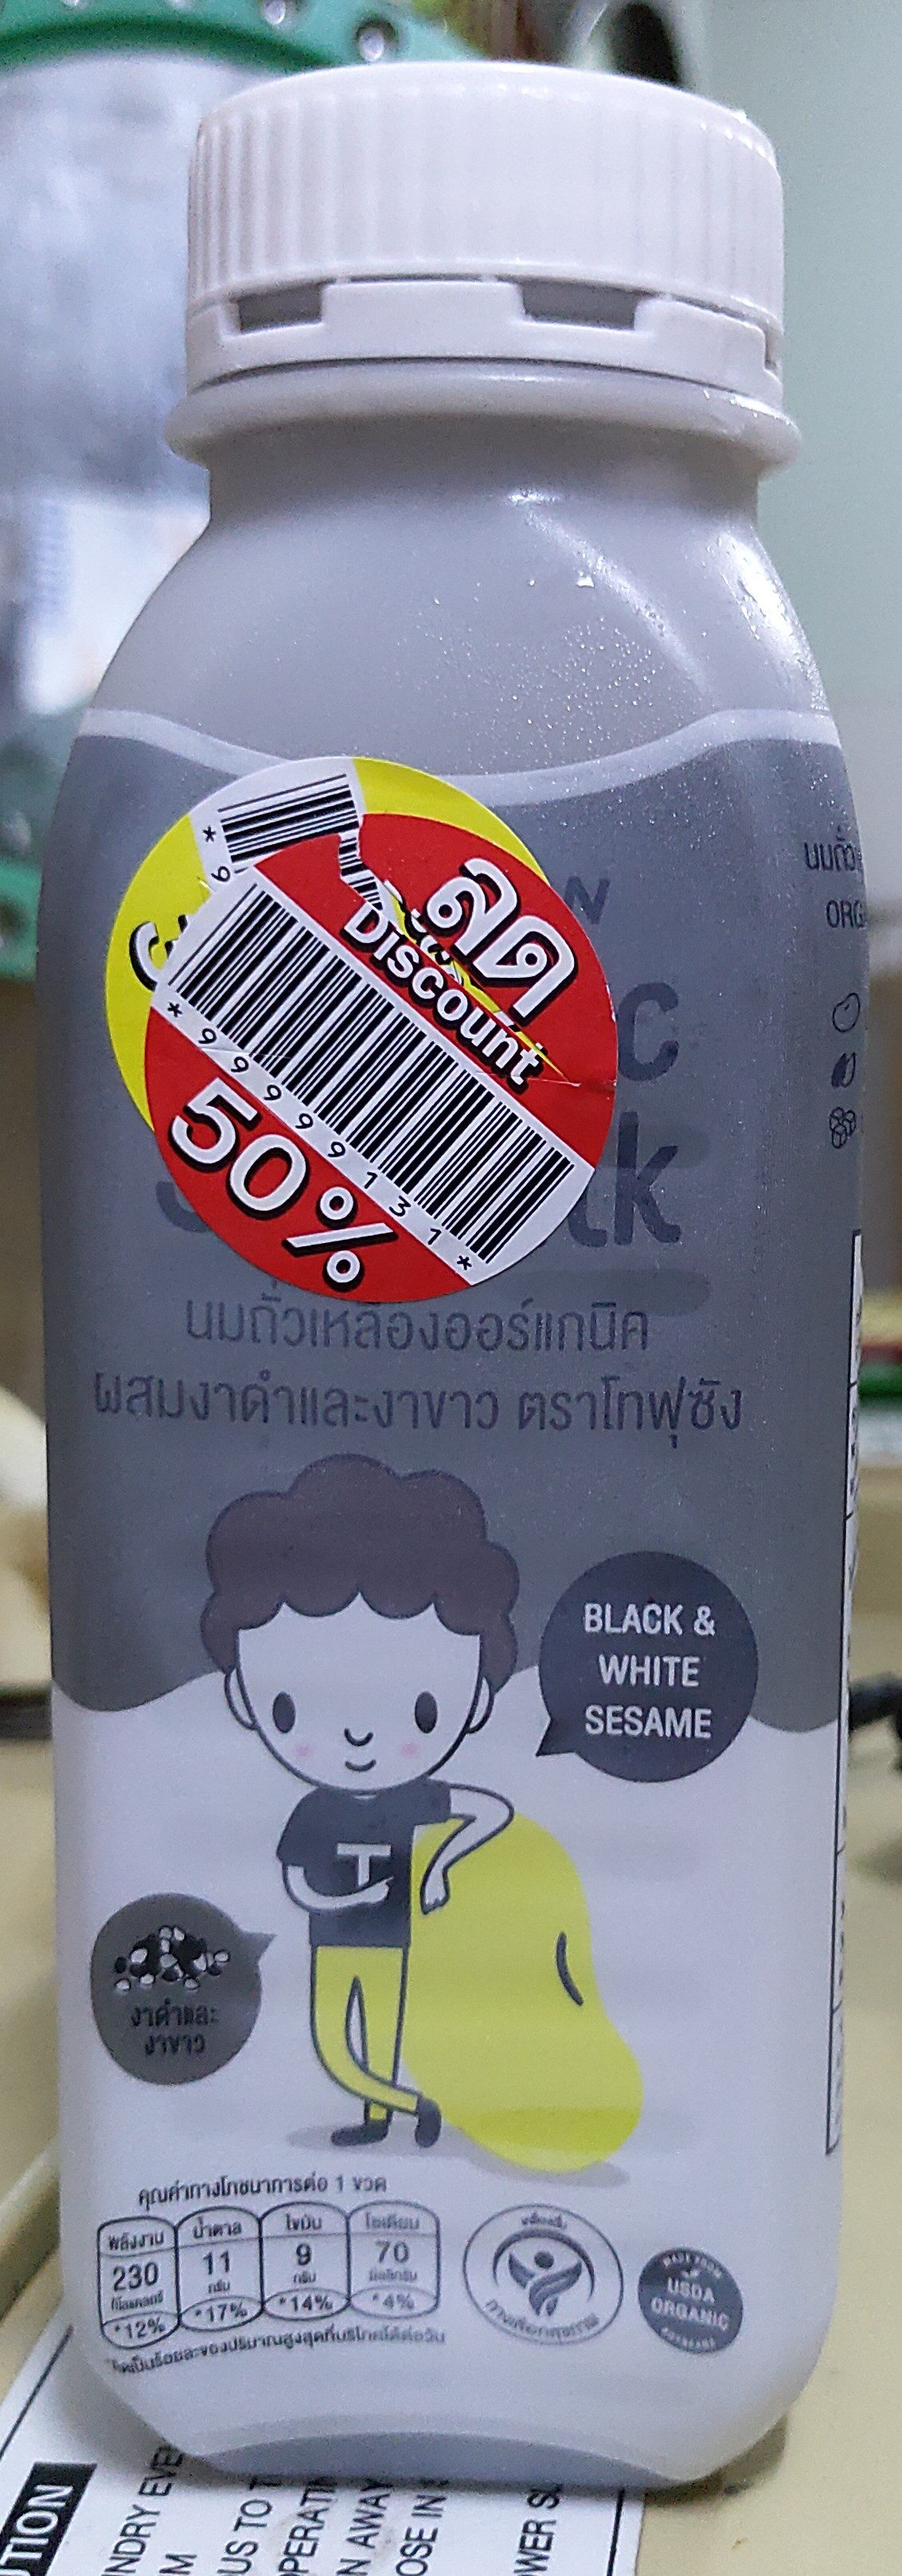 นมถั่วเหลือง ผสมงาดำ - Product - th